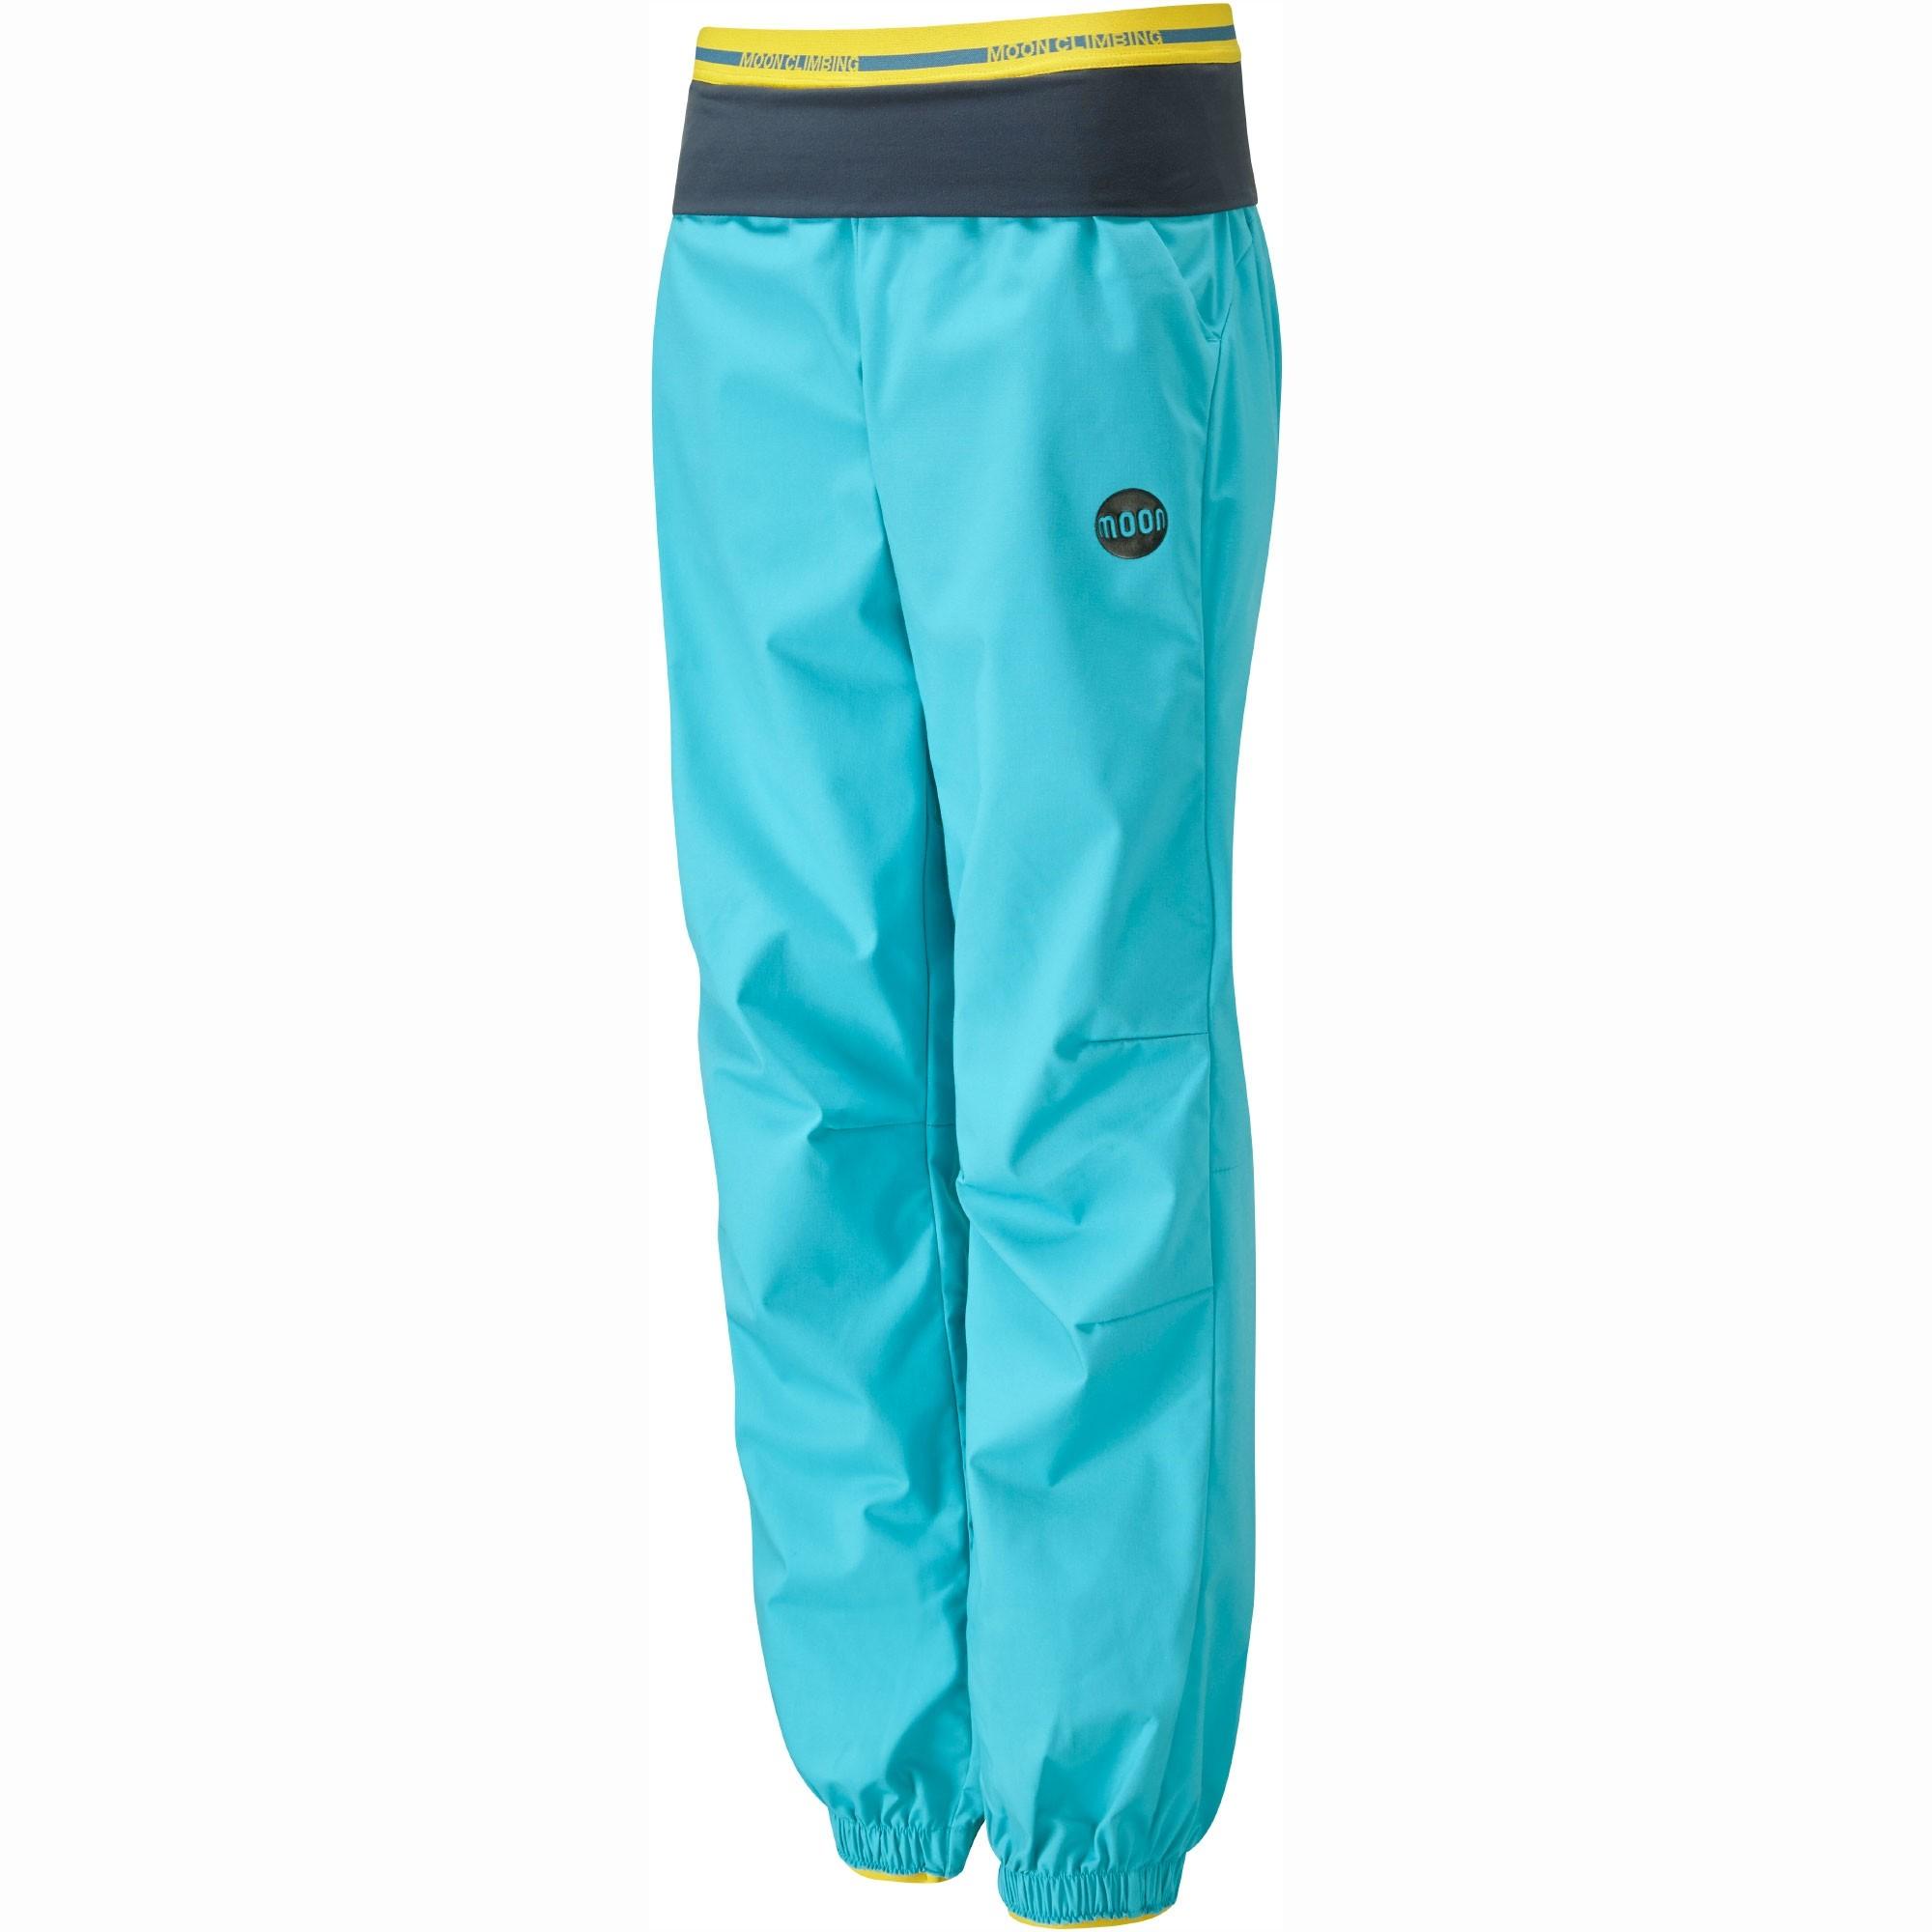 Moon Women's Samurai Pants - Bluebird - Front